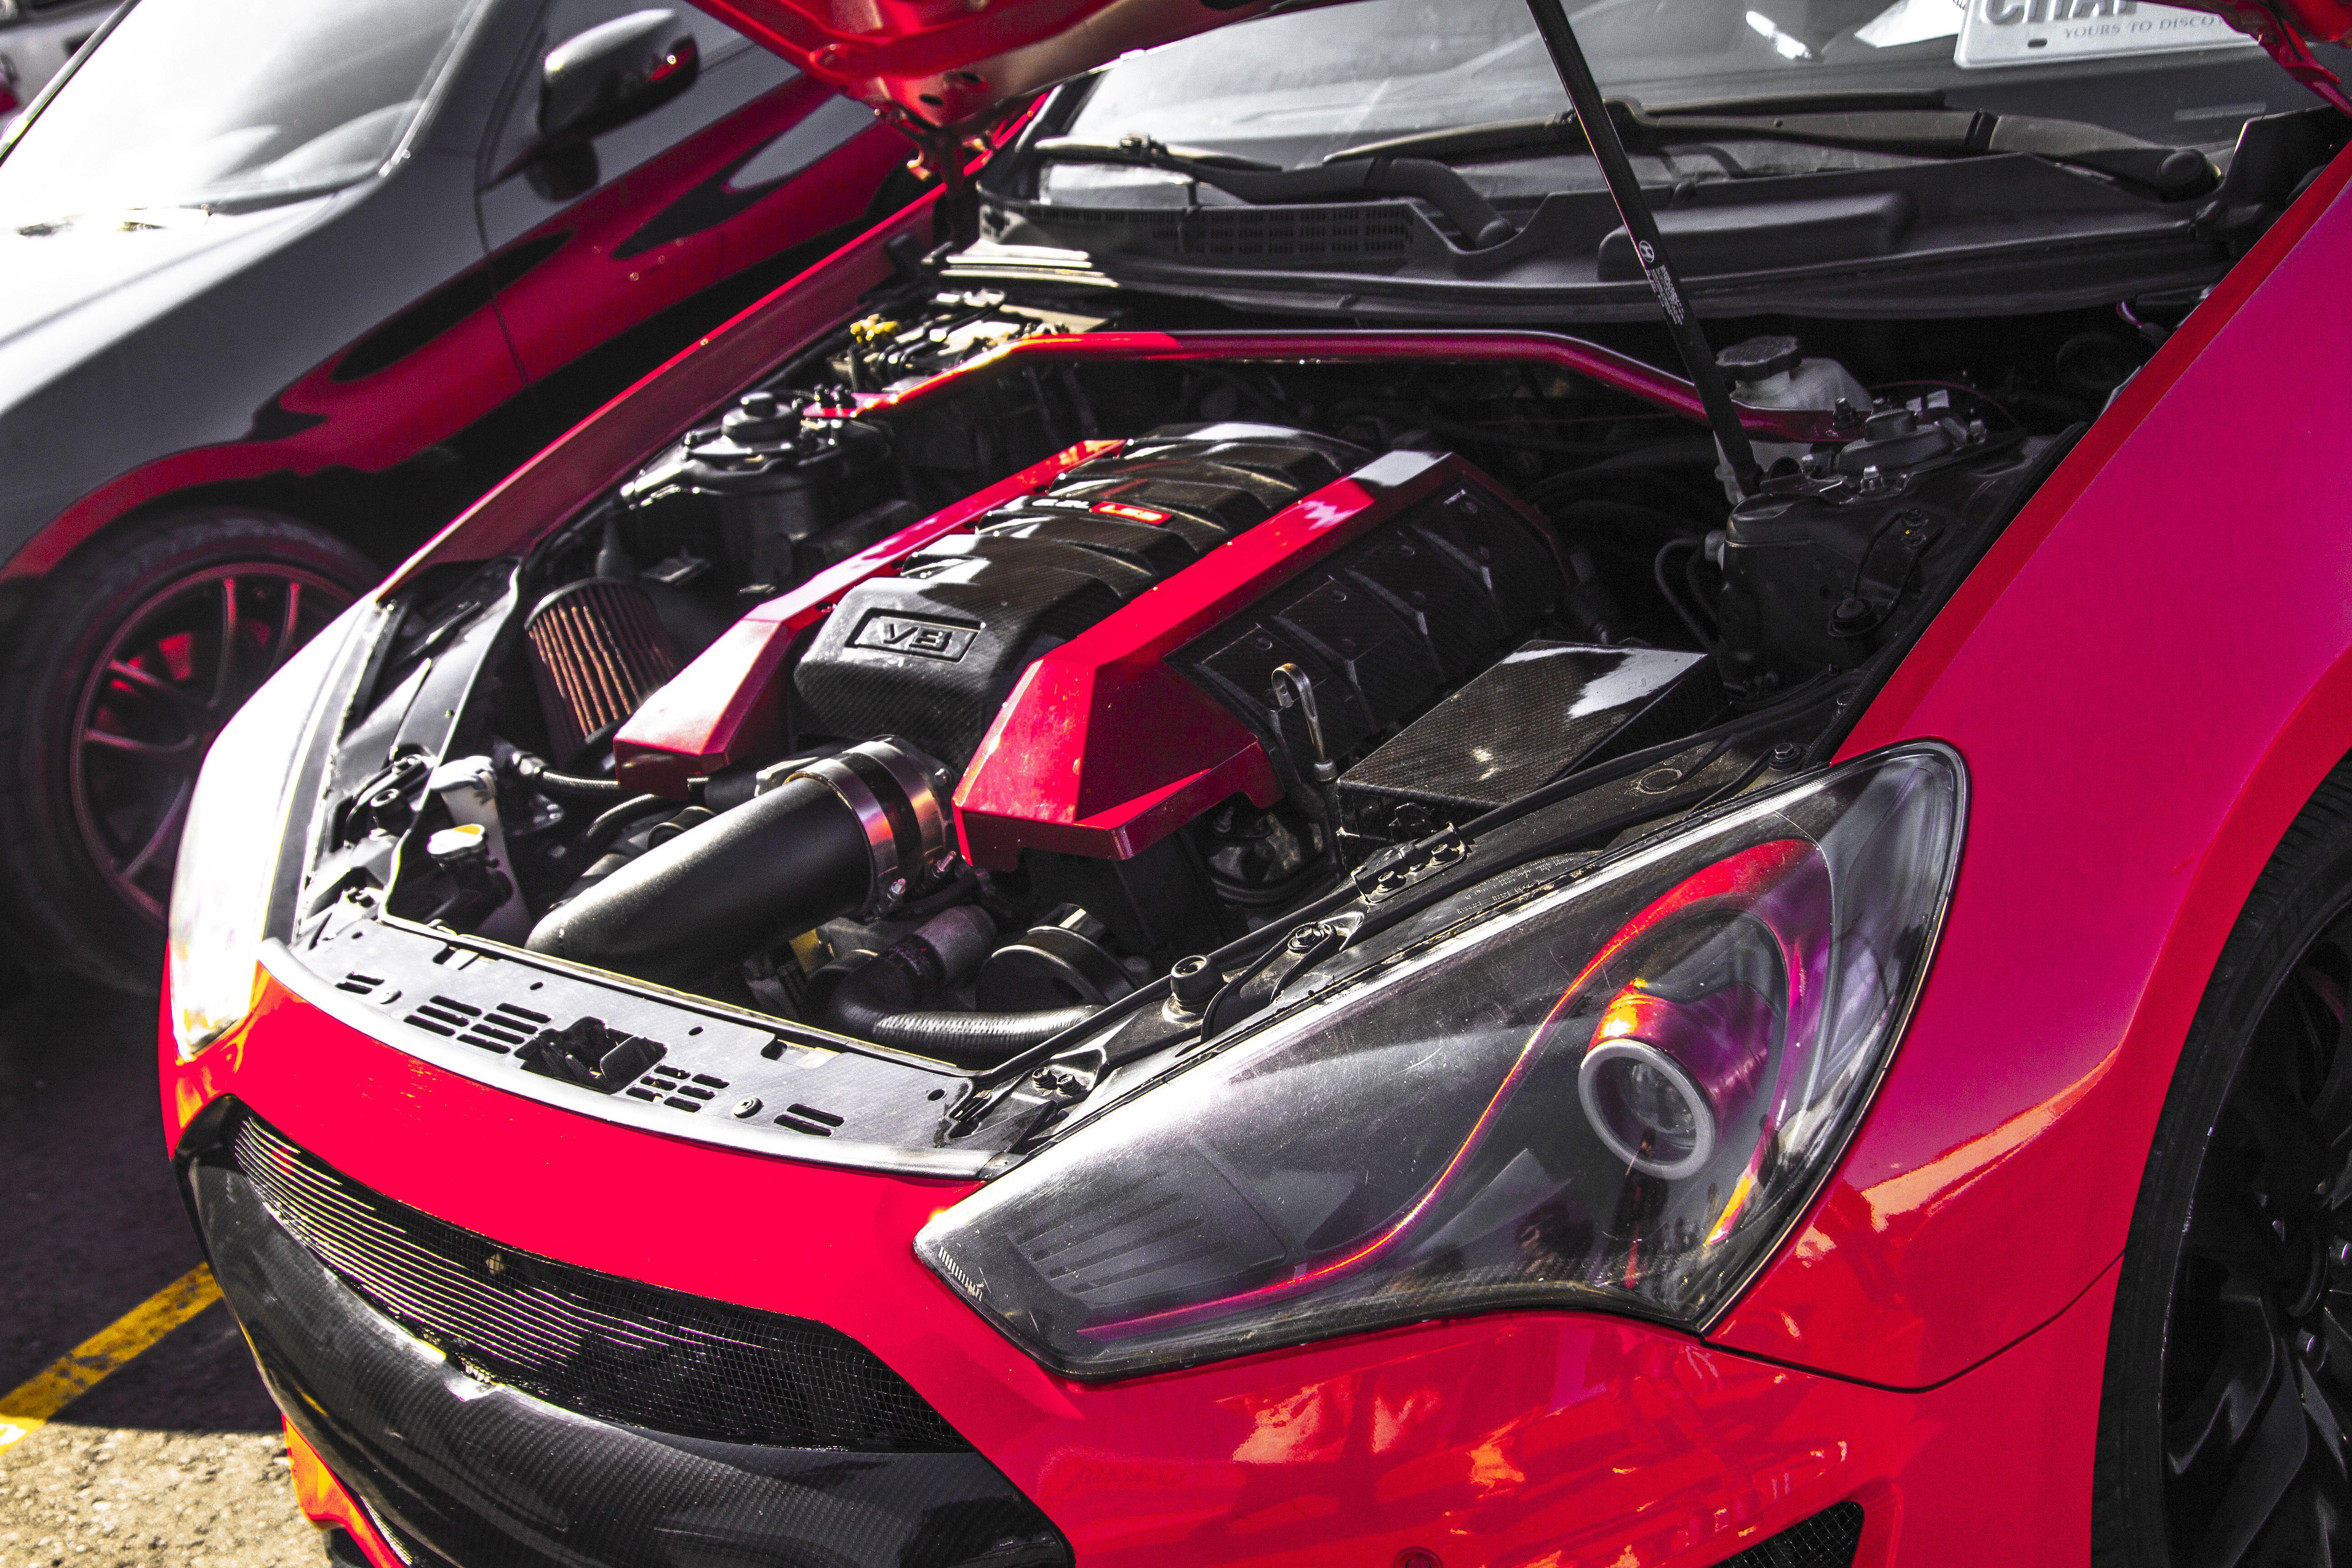 Ls Swapped Hyundai Genesis Coupe In 2020 Hyundai Genesis Coupe Hyundai Genesis Ls Swap